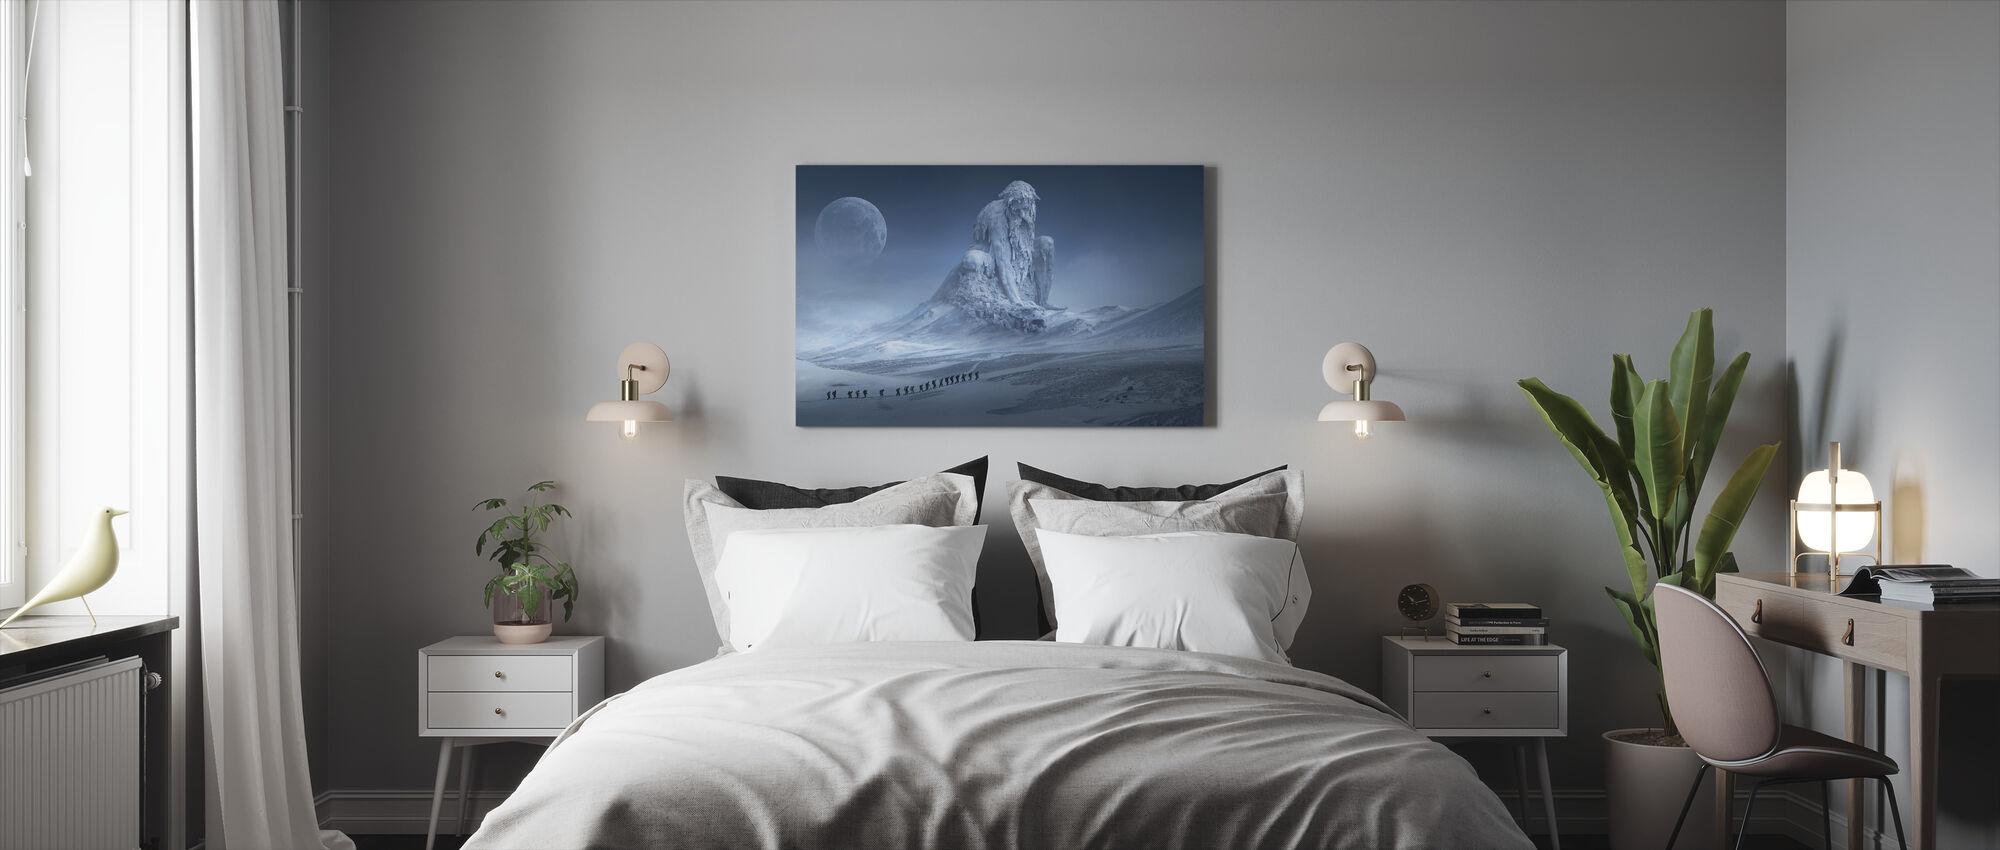 Fantasy Snow Landscape - Canvas print - Bedroom